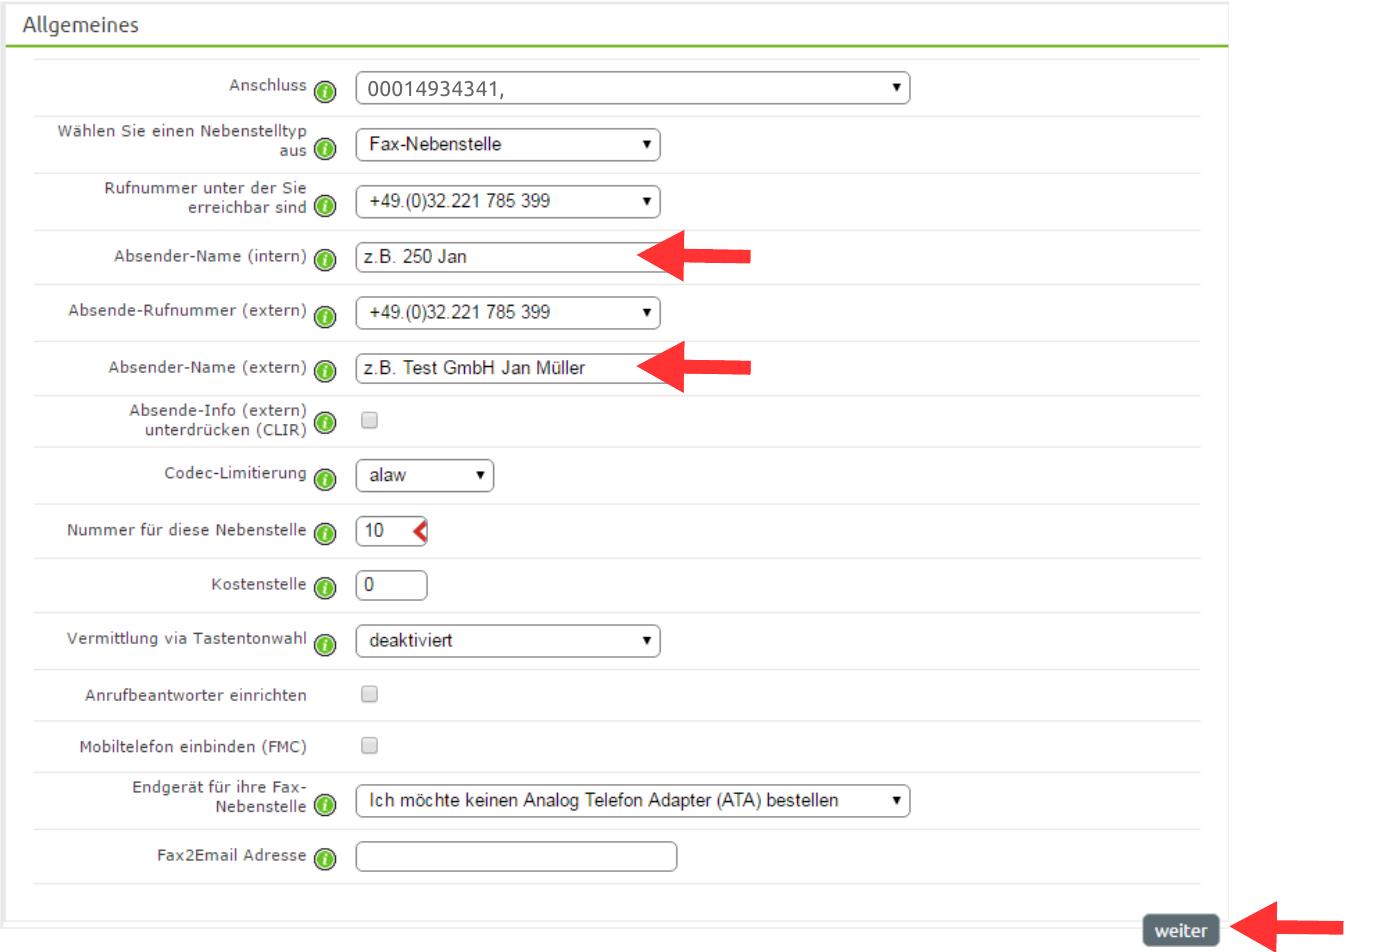 konfigurationshilfen:fax2mail:auswahl_005.png